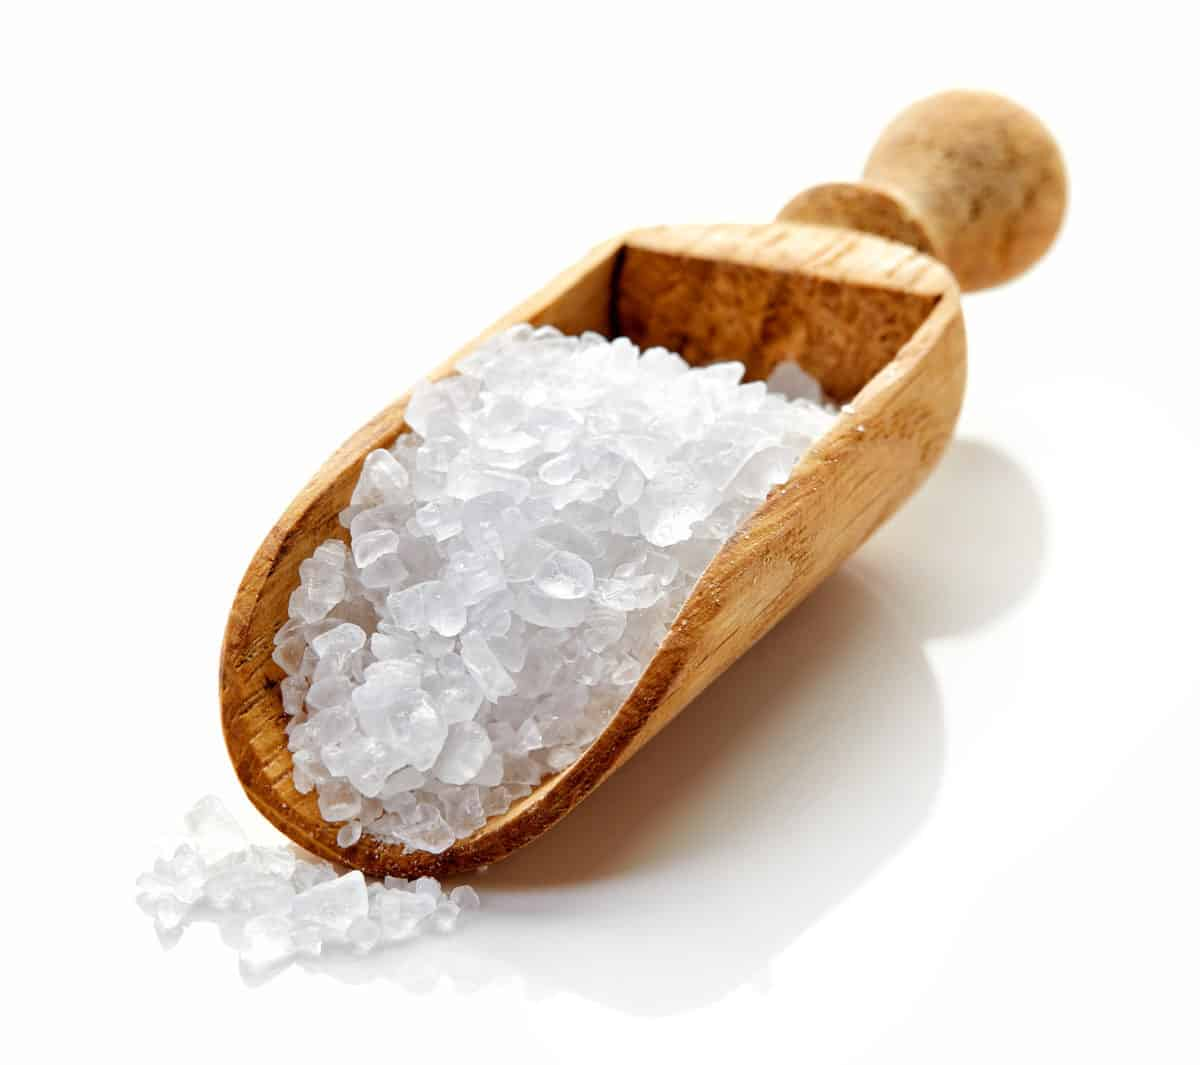 Erfahre mehr über Ammonium chloratum und die heilende Wirkung bei Krankheiten wie Erkältung, Halsschmerzen und Husten. Fotolia © bigacis